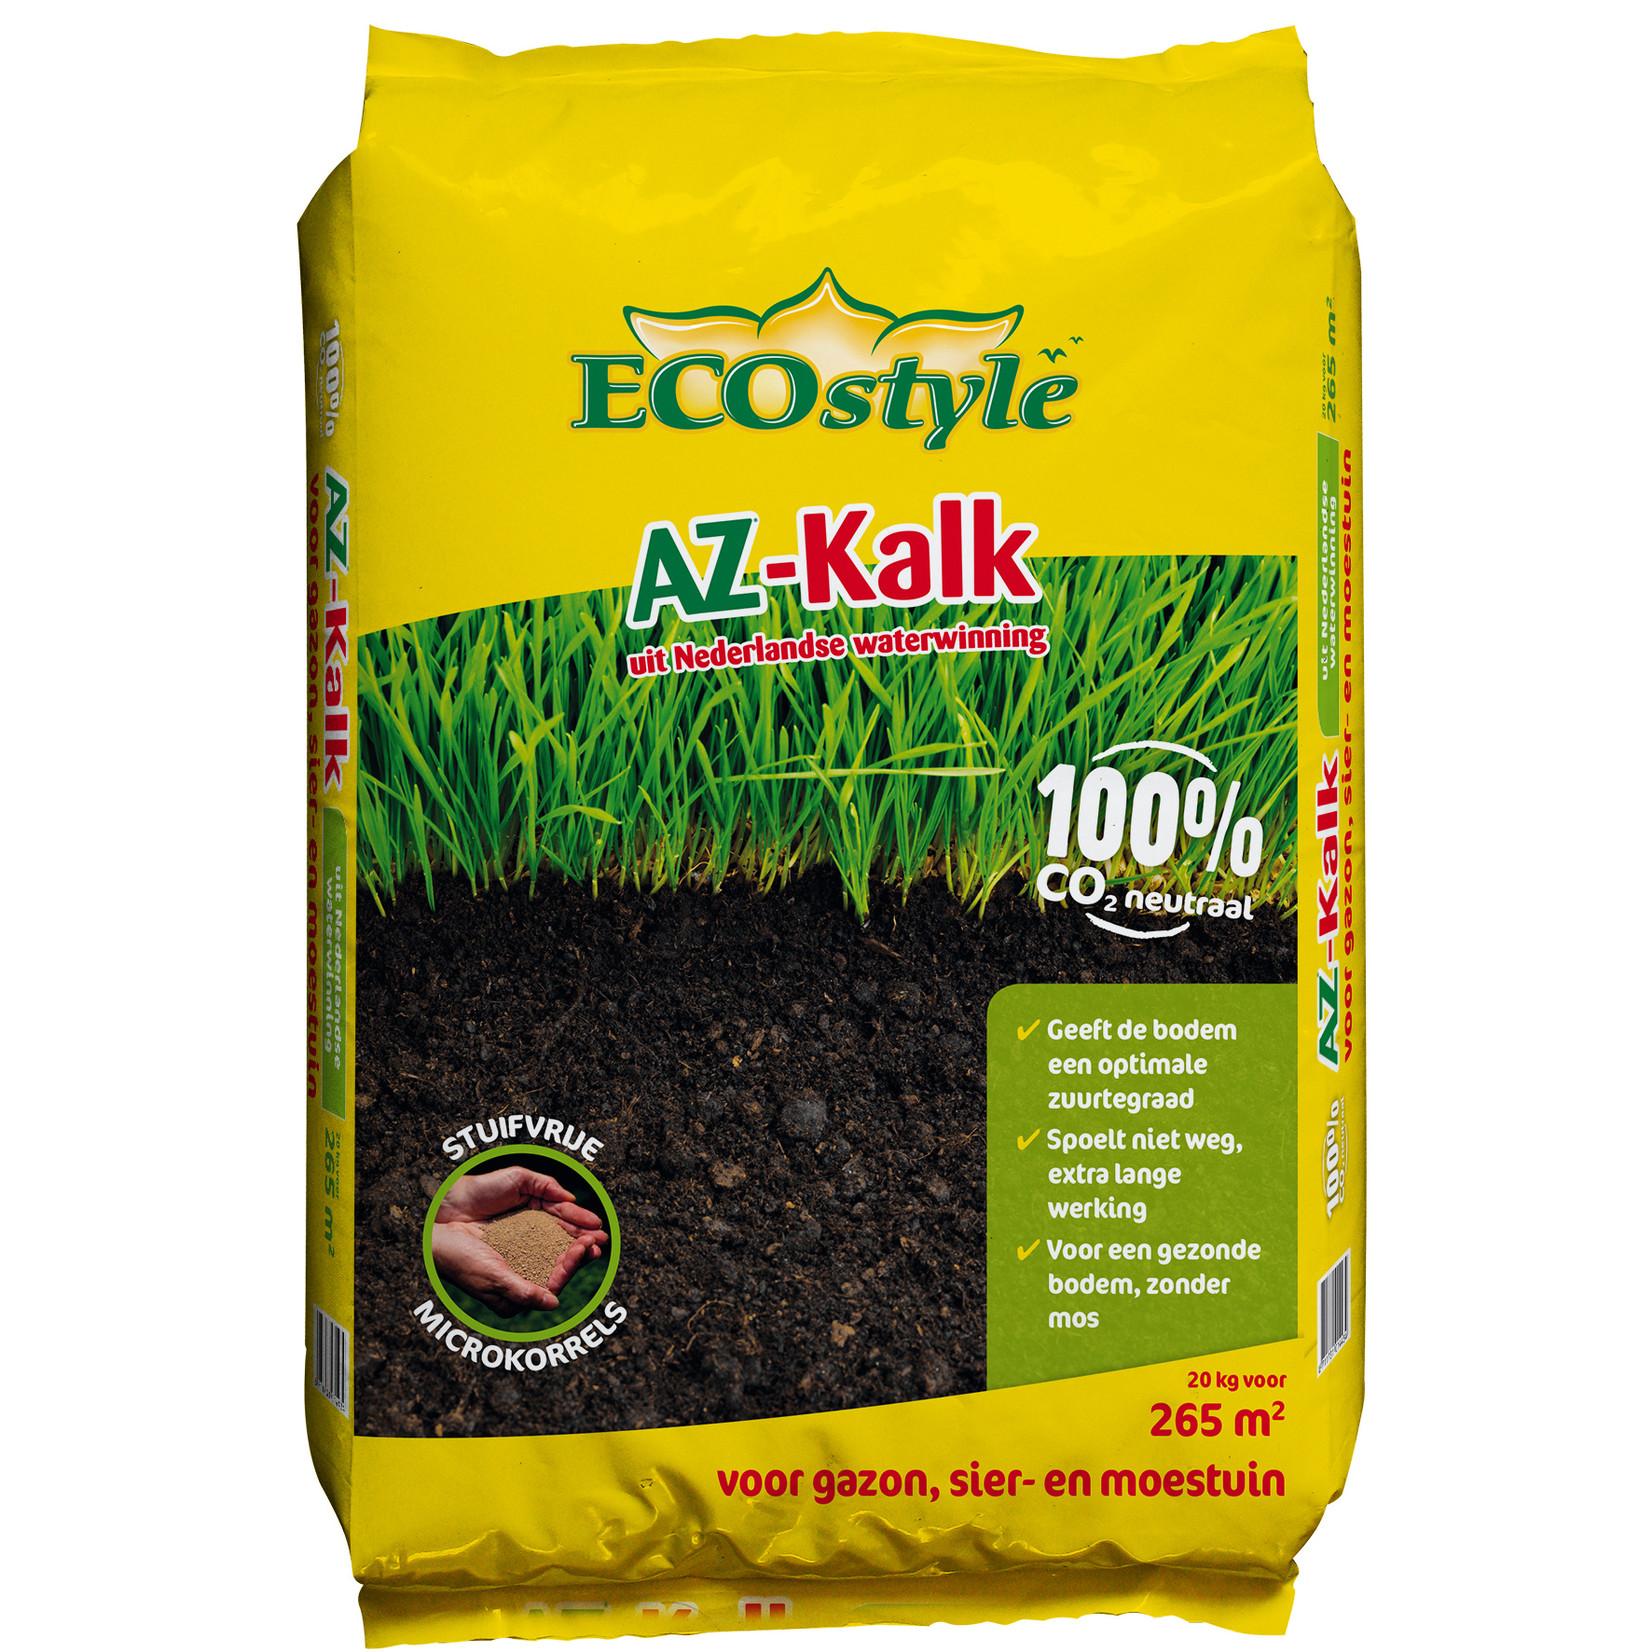 Ecostyle AZ 4-seizoenenkalk 20 kg (265 m²)